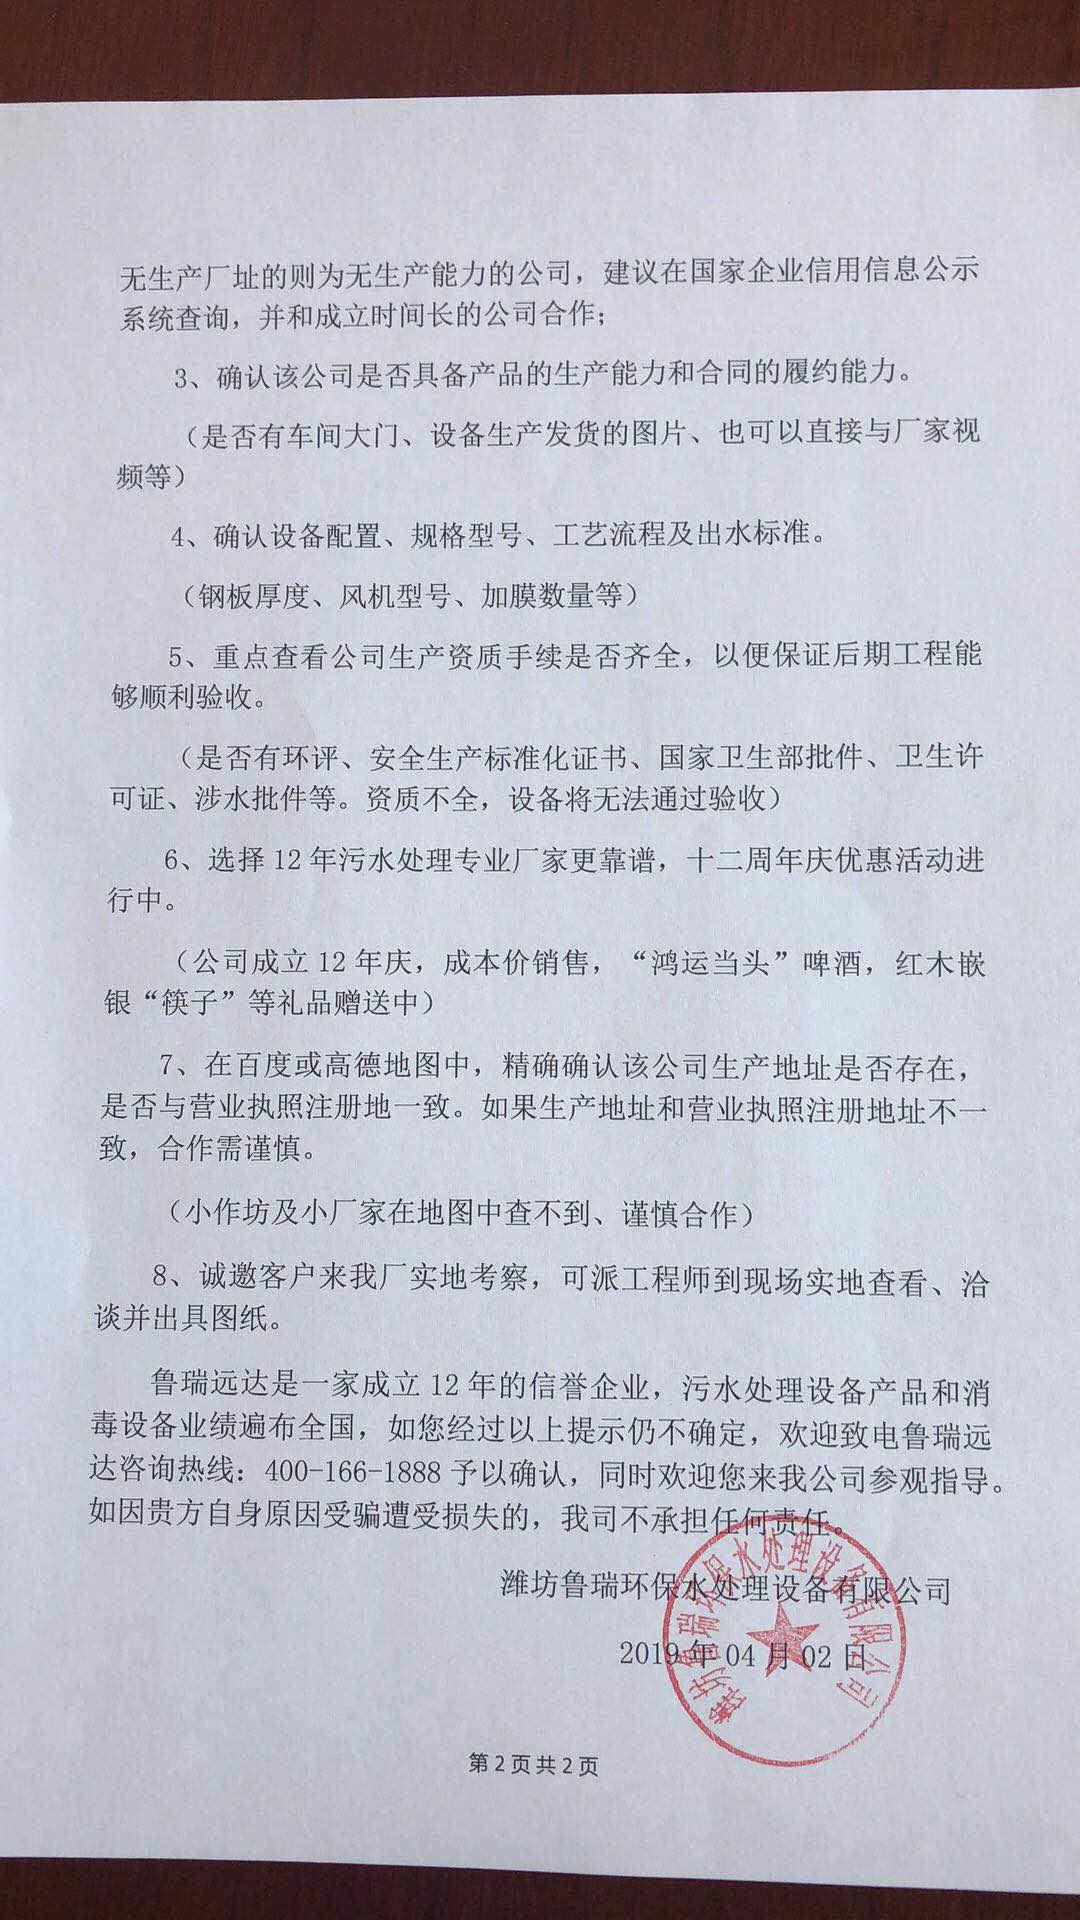 贵州铜仁屠宰厂污水处理亚博体育app好吗优惠多多!